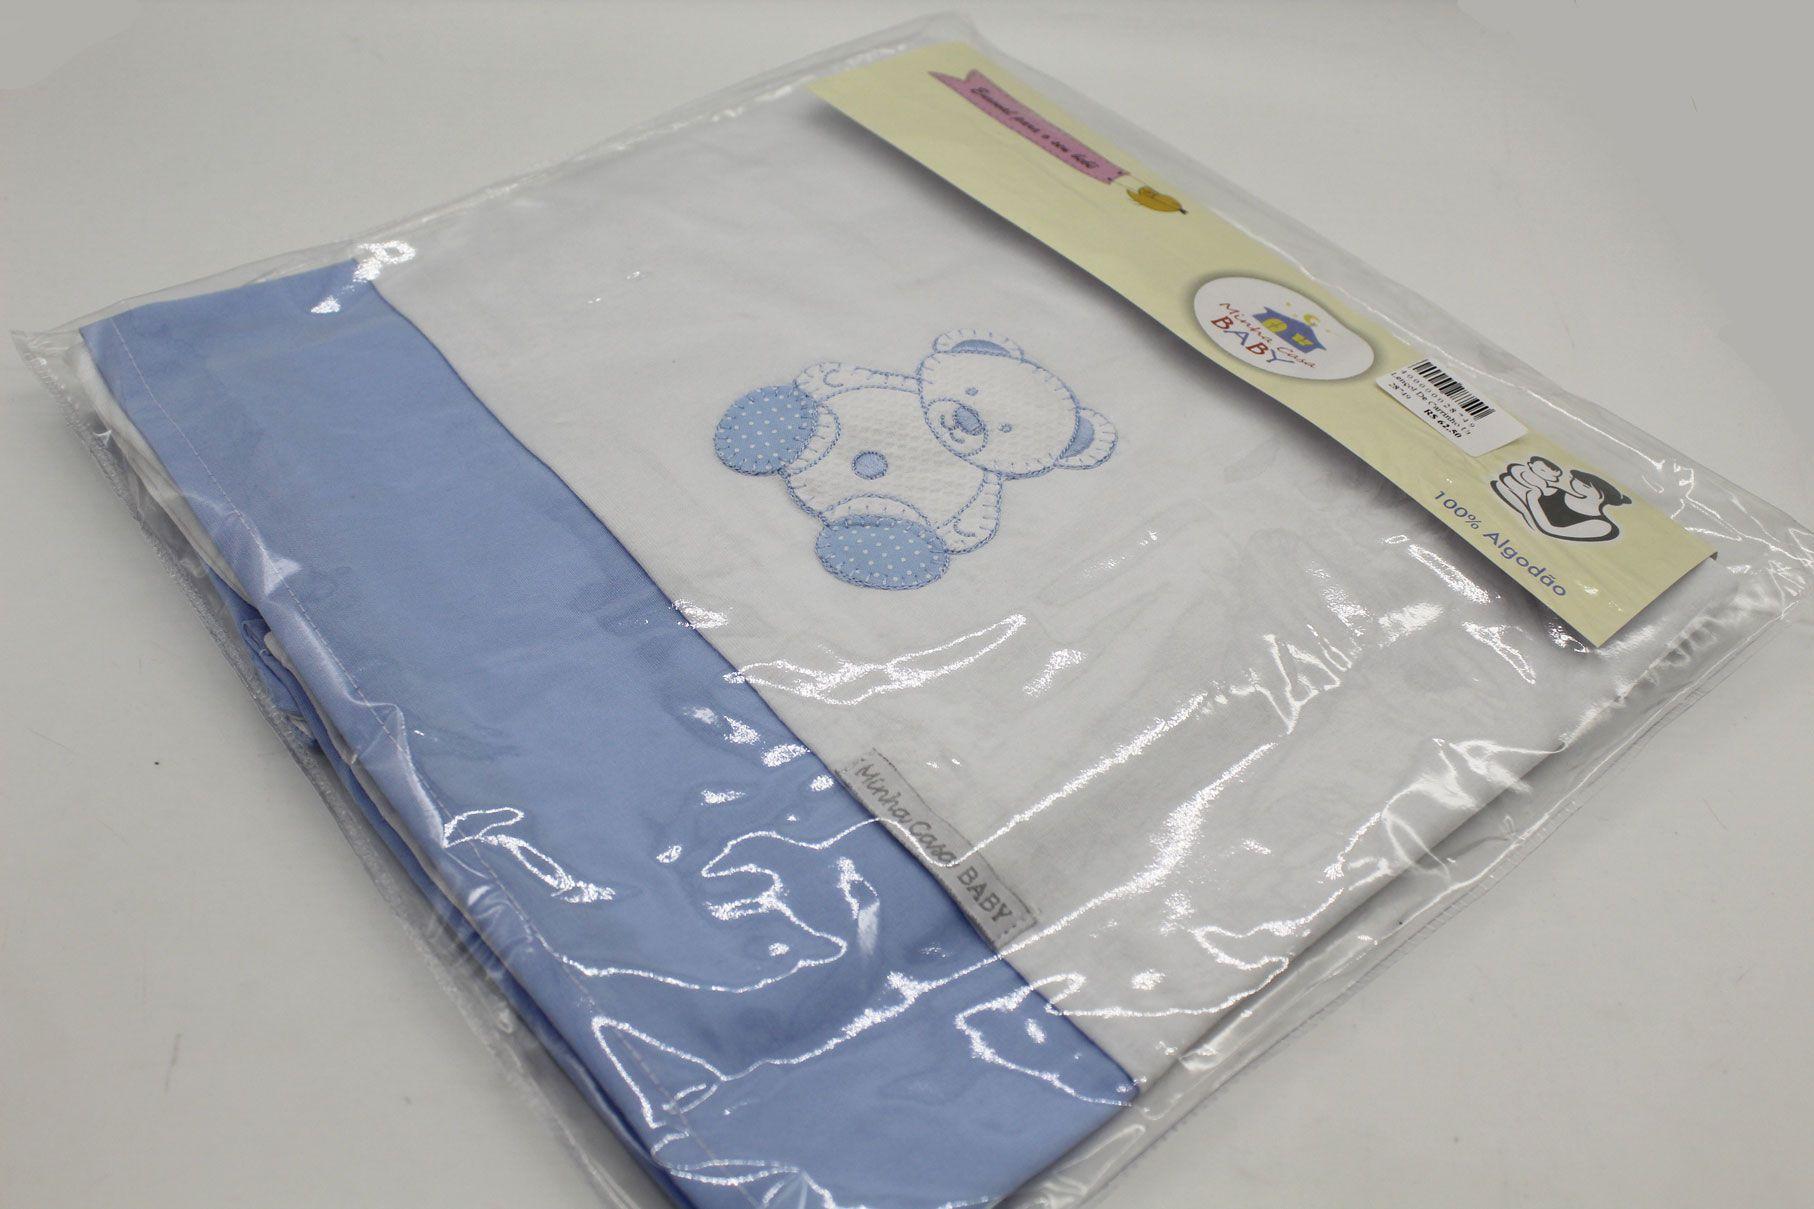 Lençol de Carrinho Urso Azul Malha 3 Pçs - Minha Casa Baby Ref Lcm5061